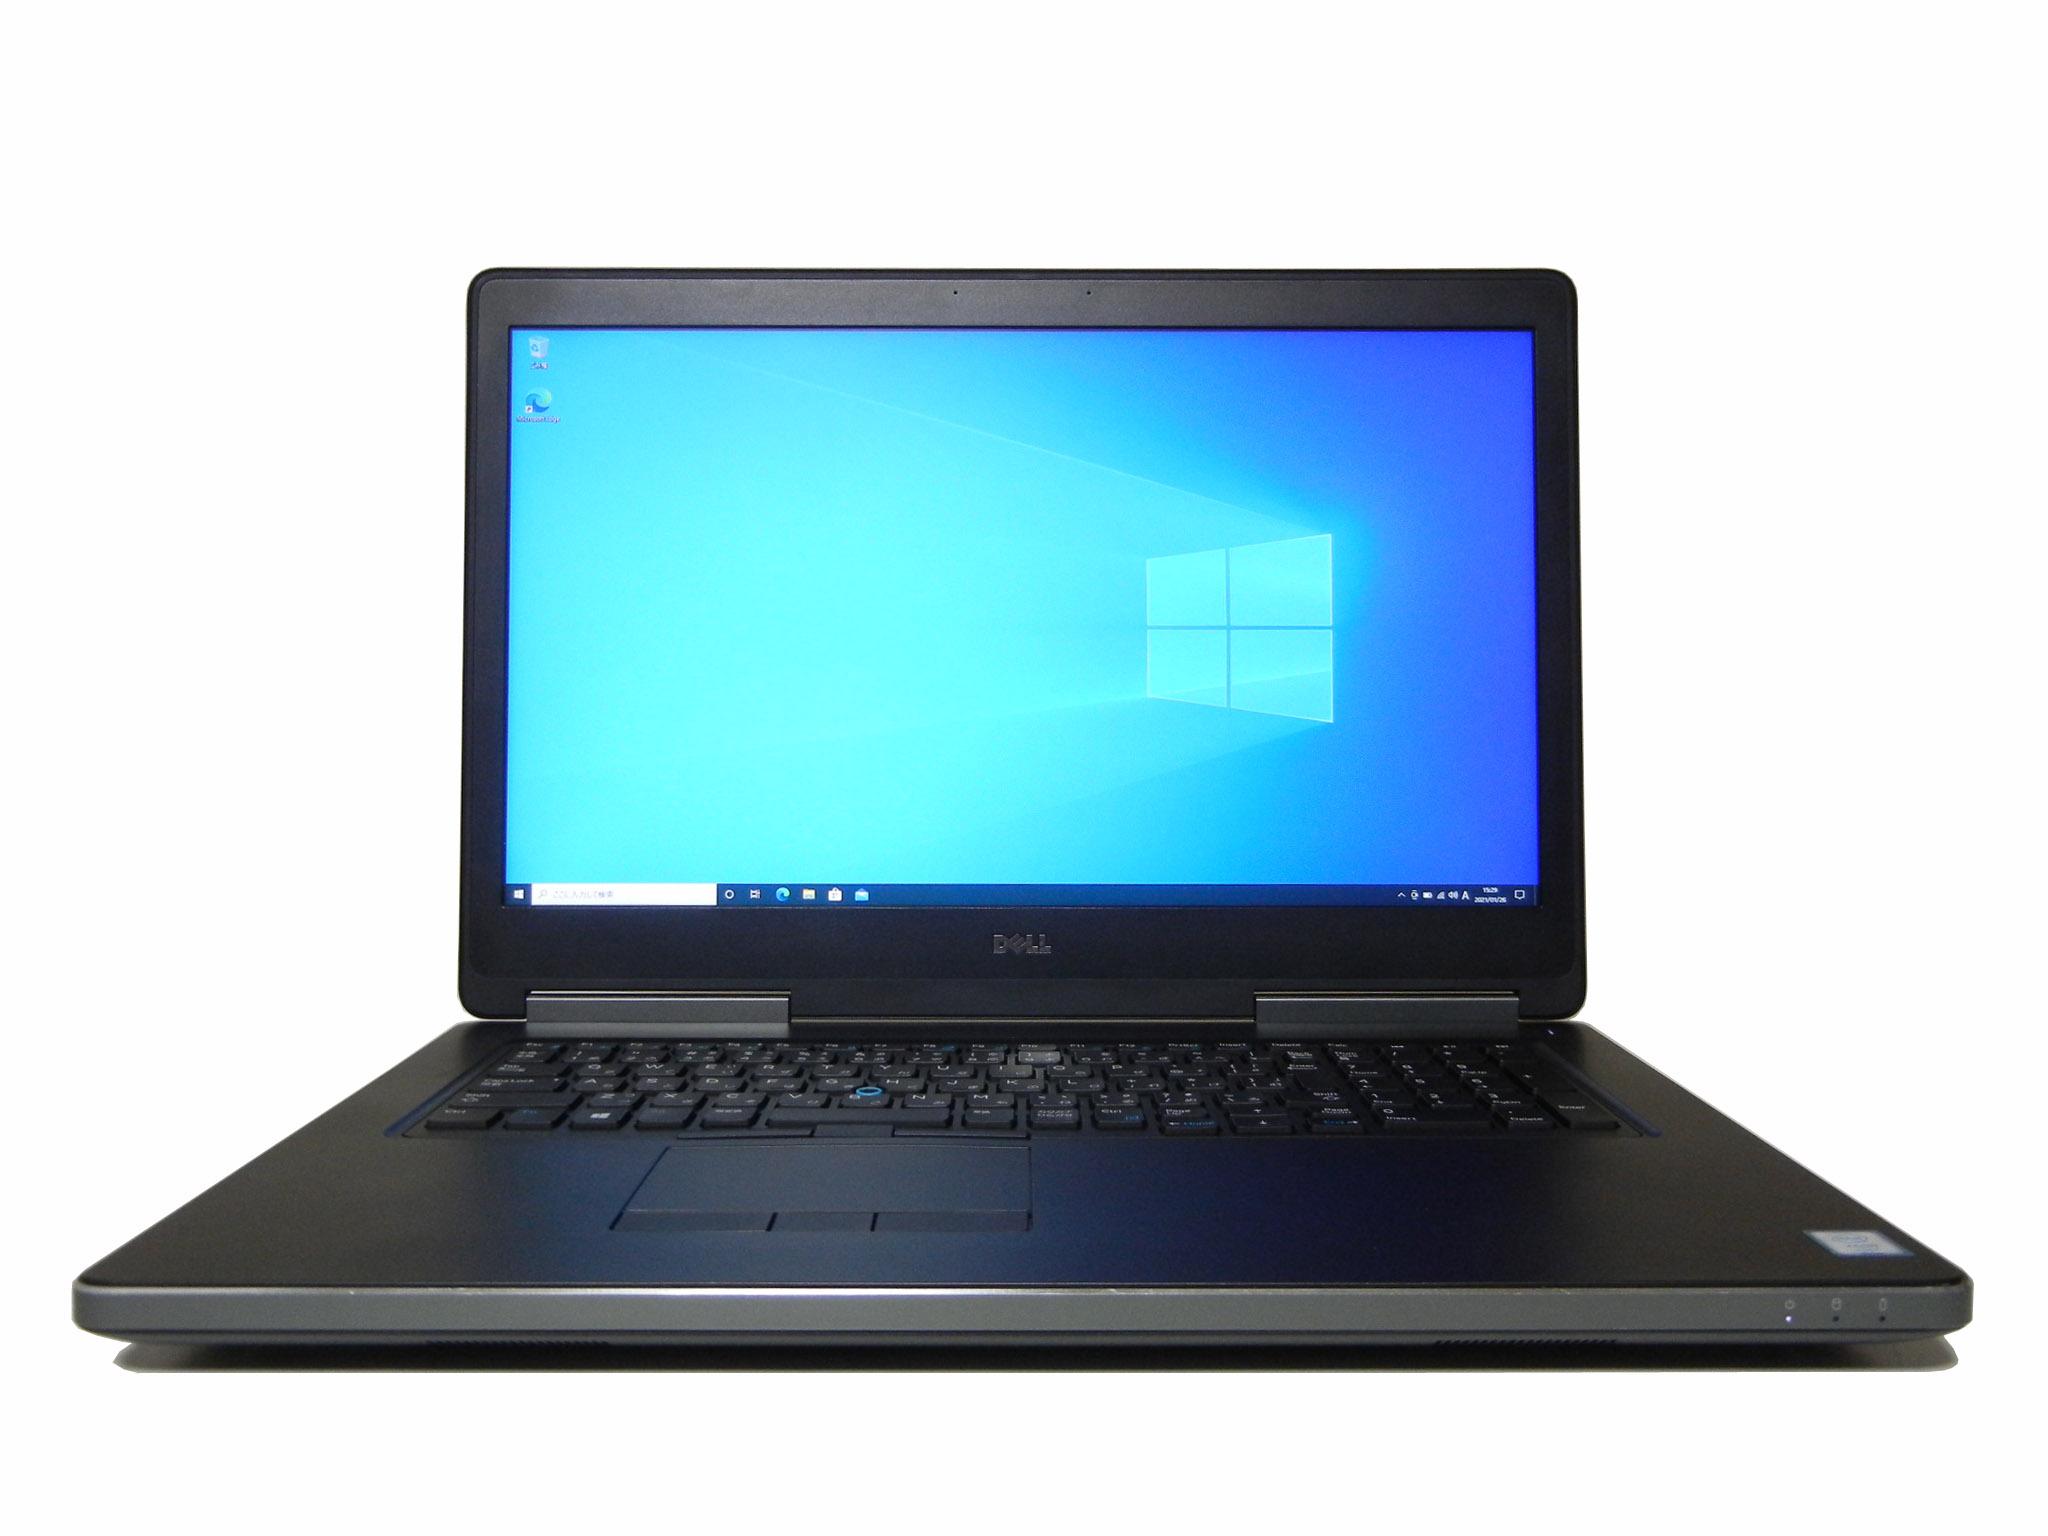 【中古】DELL Precision 7710 Xeon E3-1535Mv5 メモリ32GB搭載 SSD 512GB Quadro M3000M Win10Pro